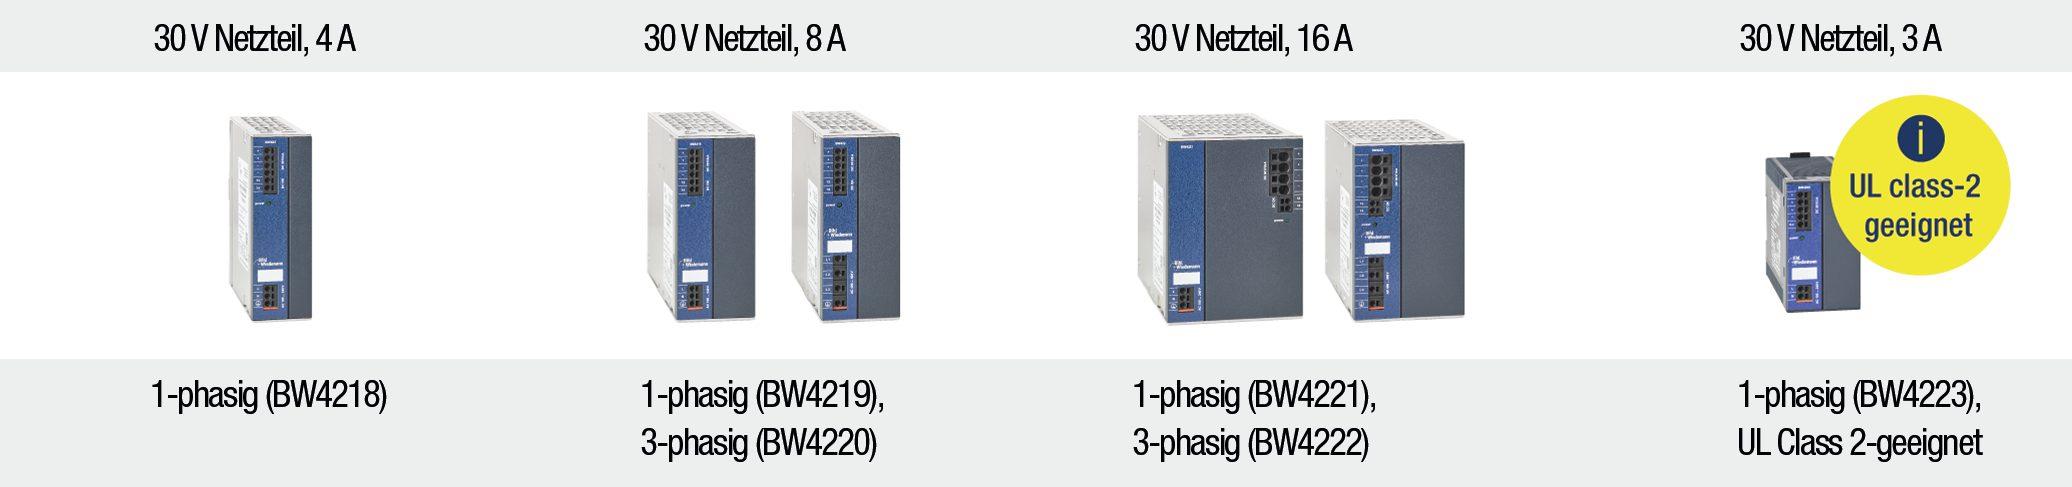 Aktualisierte 30V-Netzteilgeneration für ASi-5